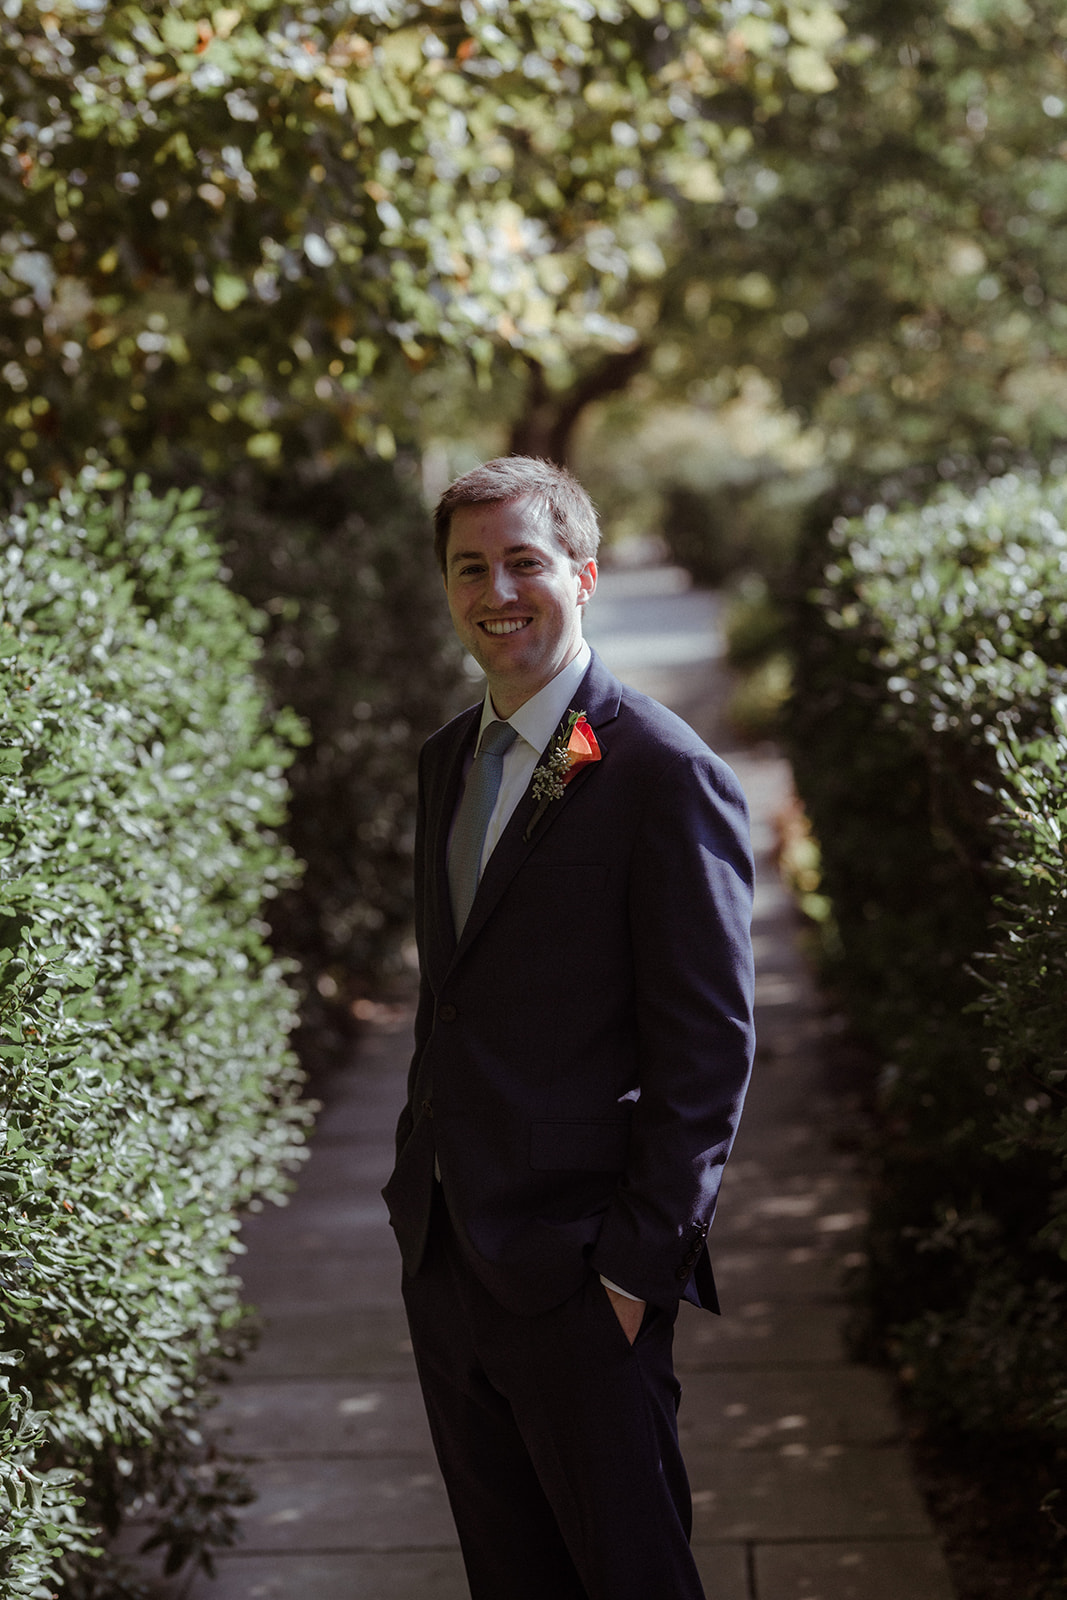 cleveland botanical garden wedding - chris + katie 131